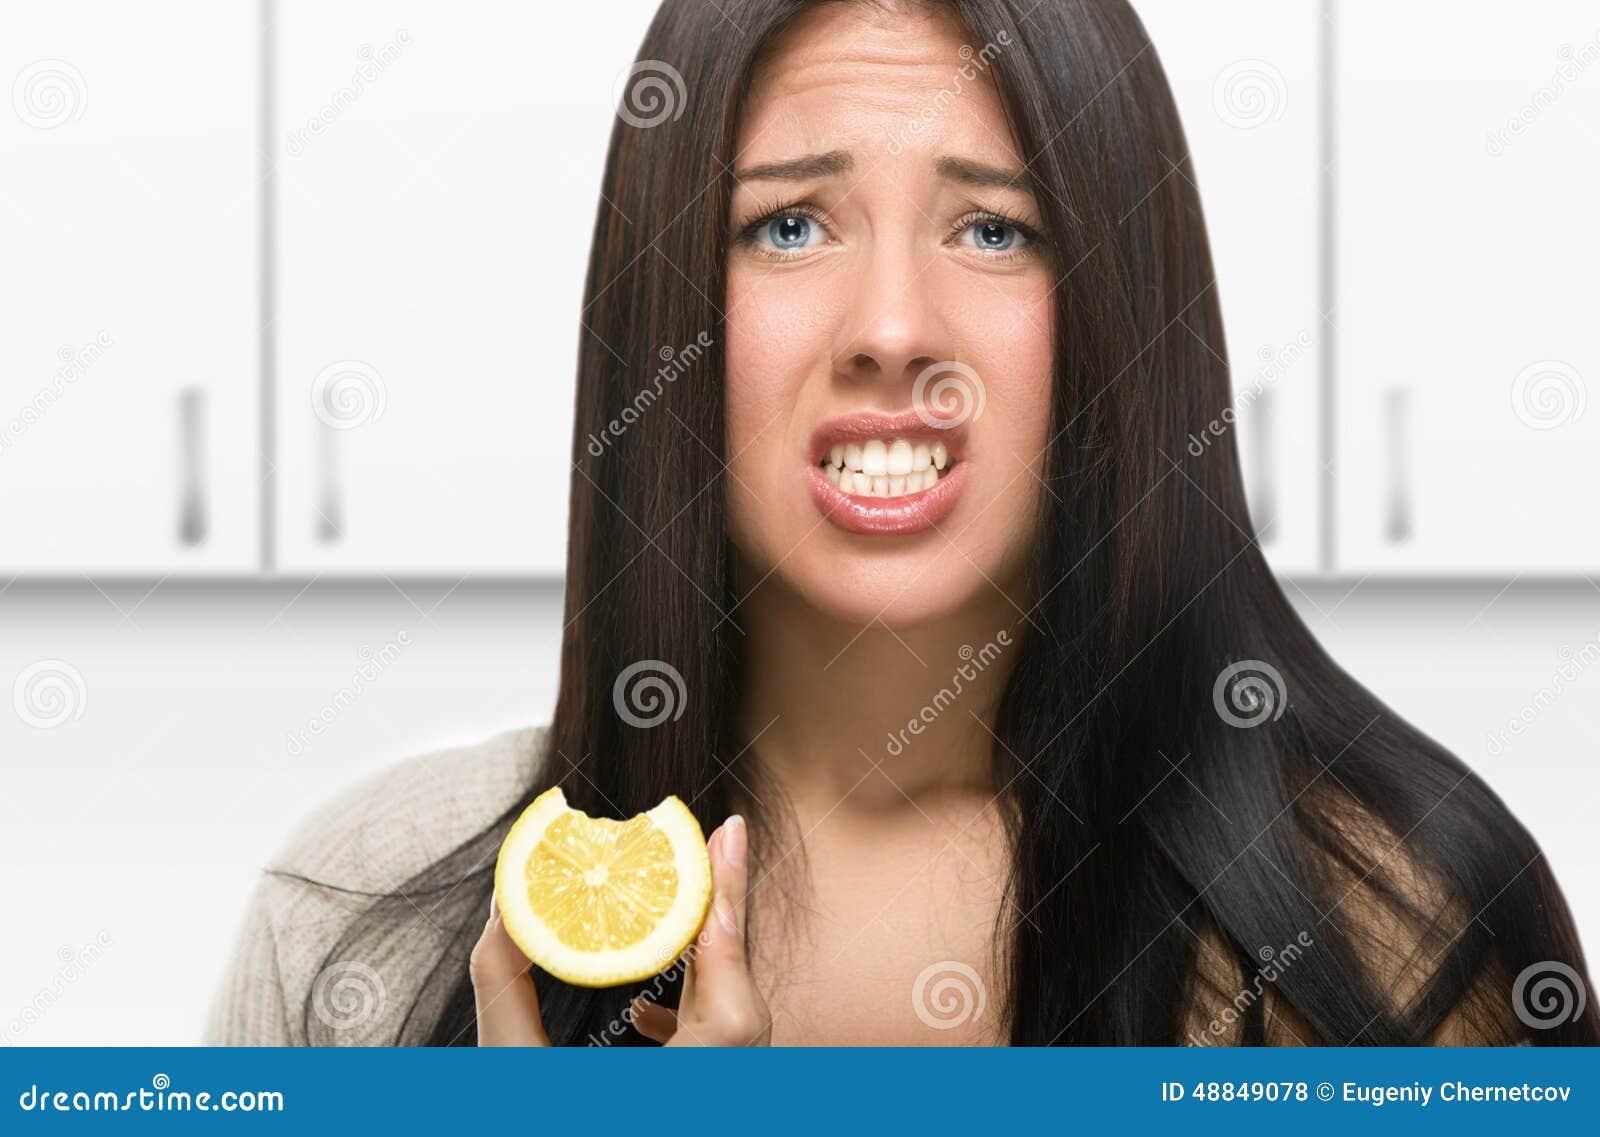 Limone acido